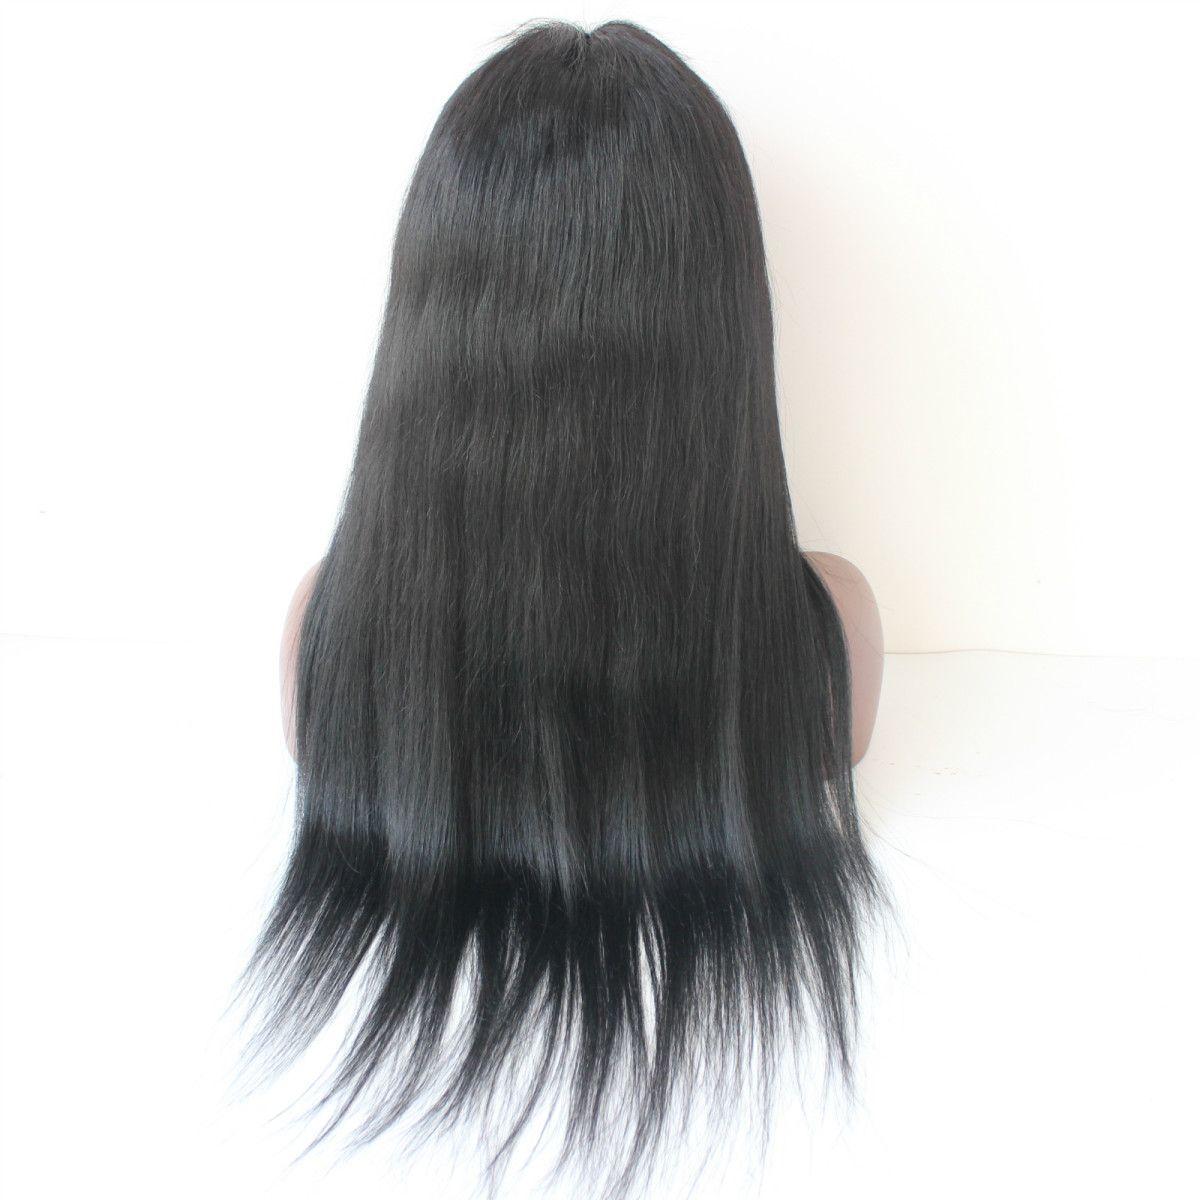 peluca del pelo densidad espesa densidad de 300 pelucas delanteras del pelo humano brasileño sin cola recta de encaje con flecos chinos para las mujeres negras peluca de cabello humano